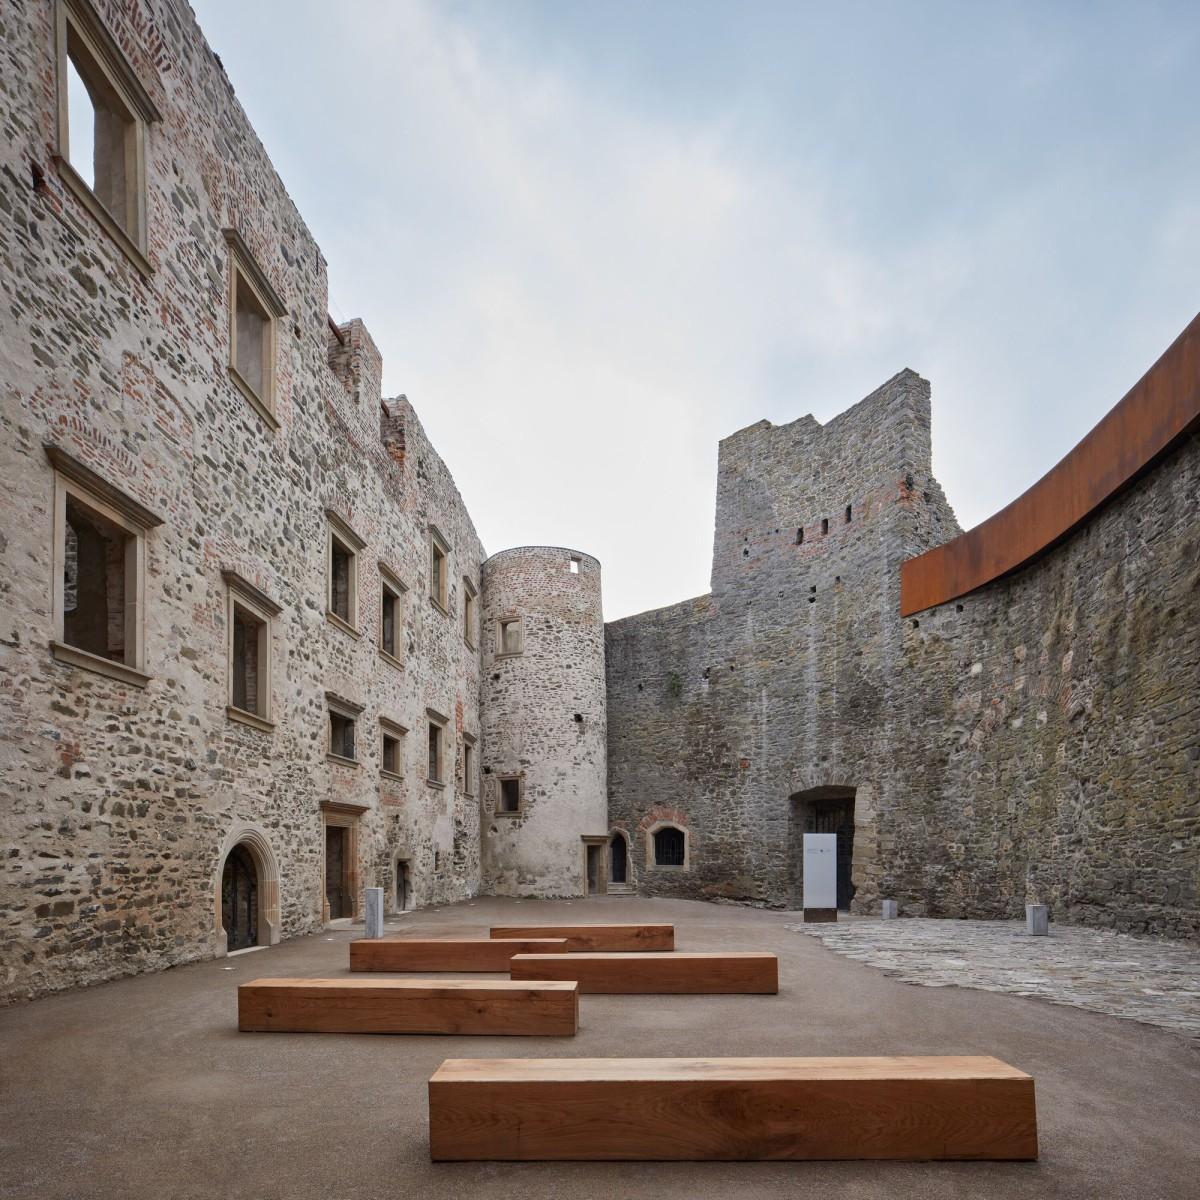 atelier-r . Helfštýn Castle Palace Reconstruction . Týn nad Bečvou BoysPlayNice afasia (11)